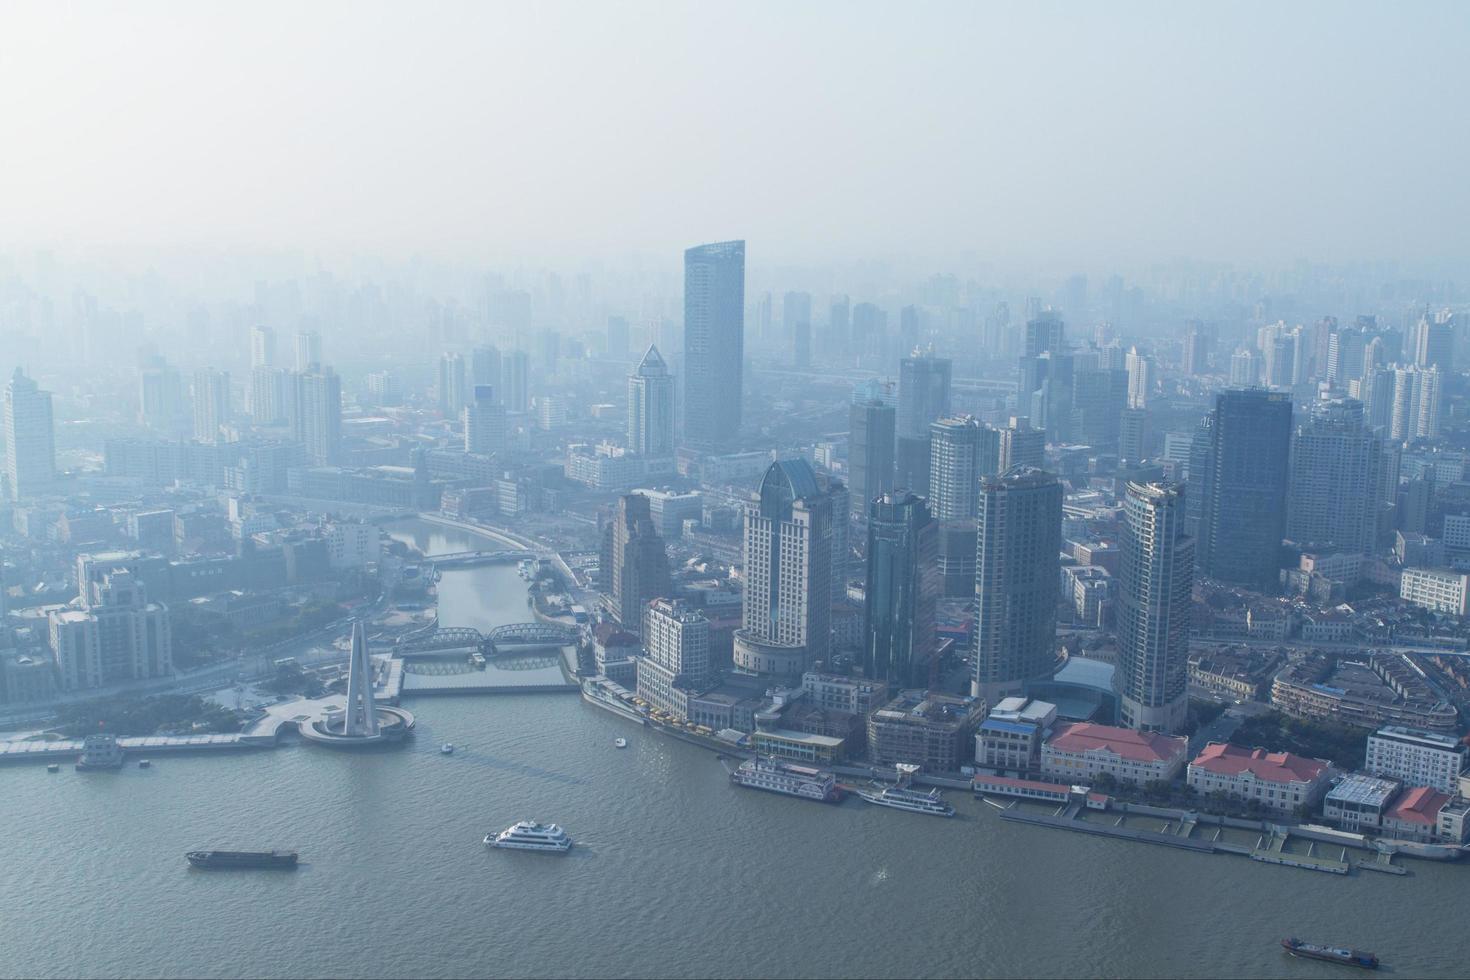 Shanghai, Chine, 2020 - vue aérienne des bâtiments de la ville photo